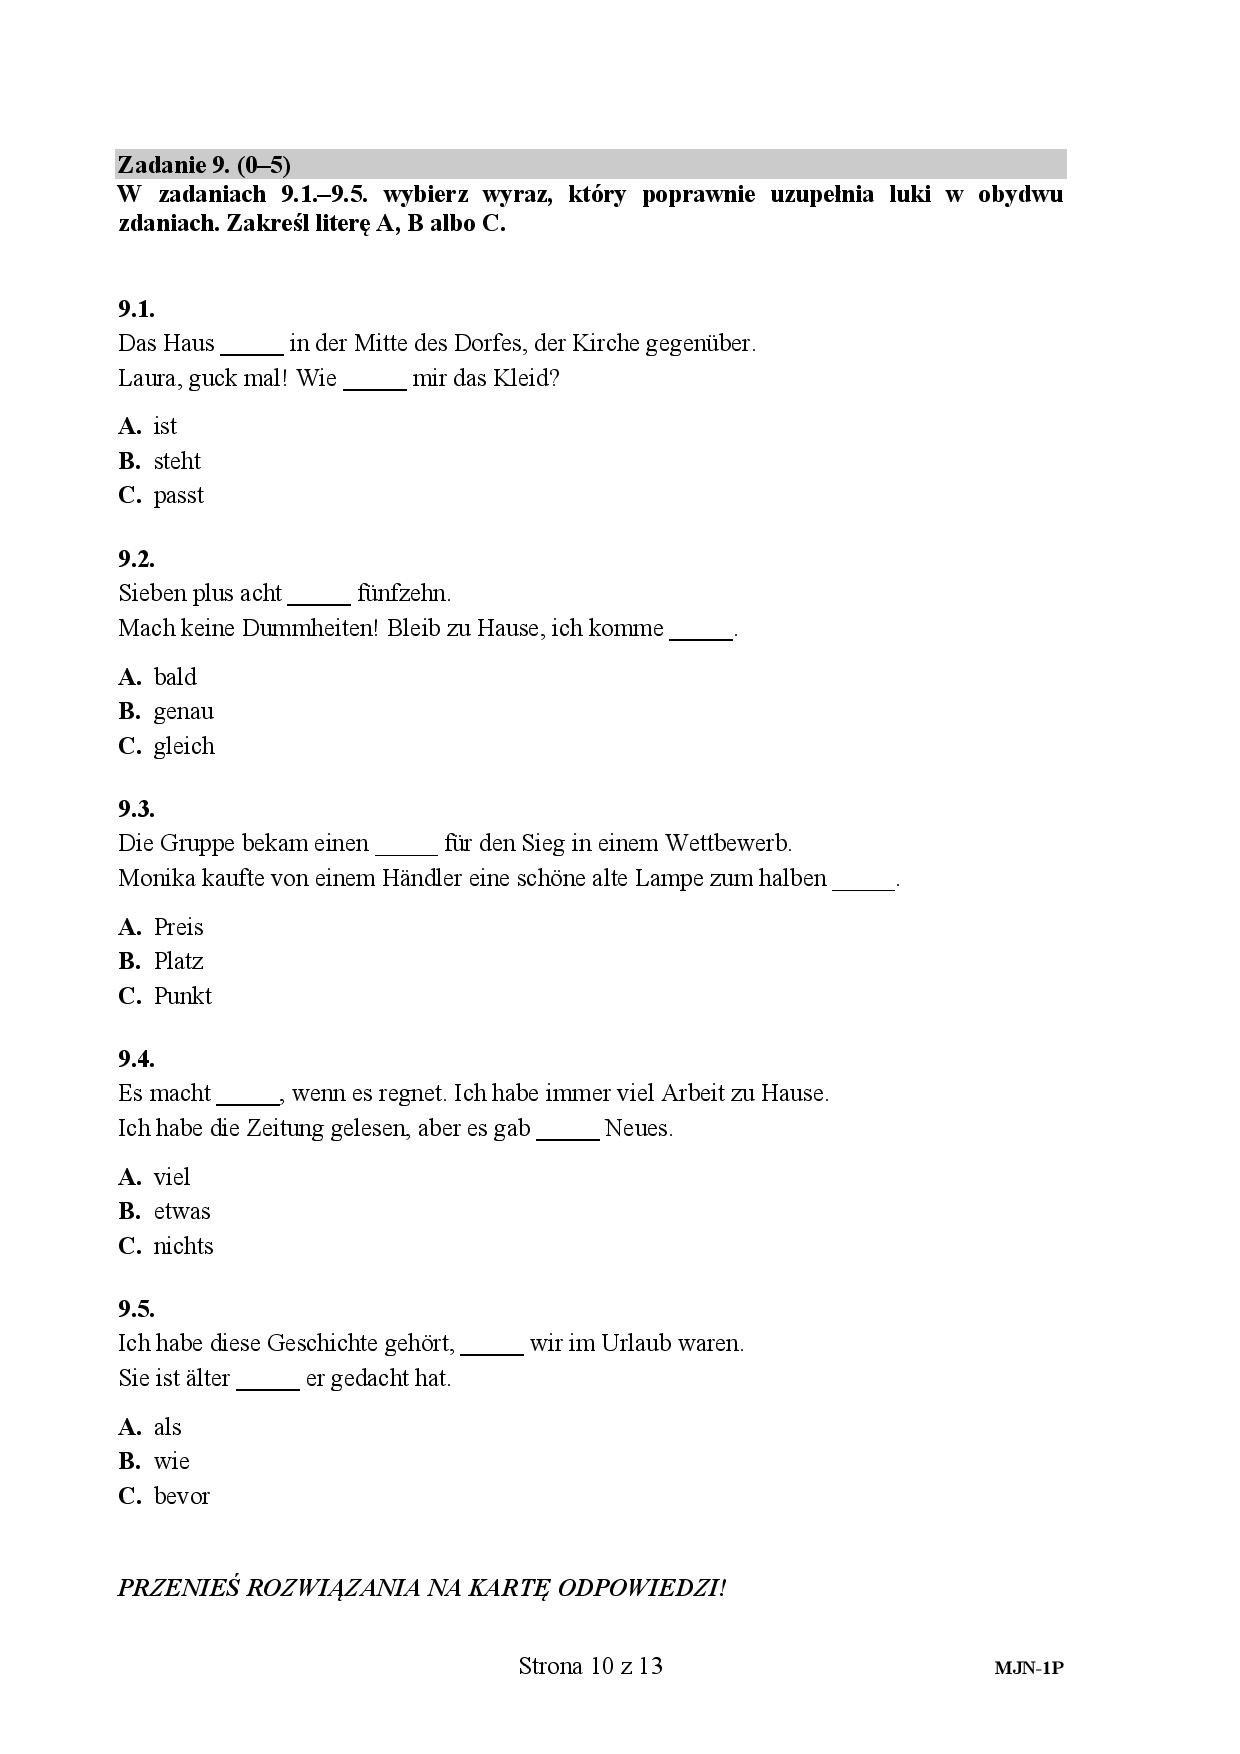 Opcje binarne mlm